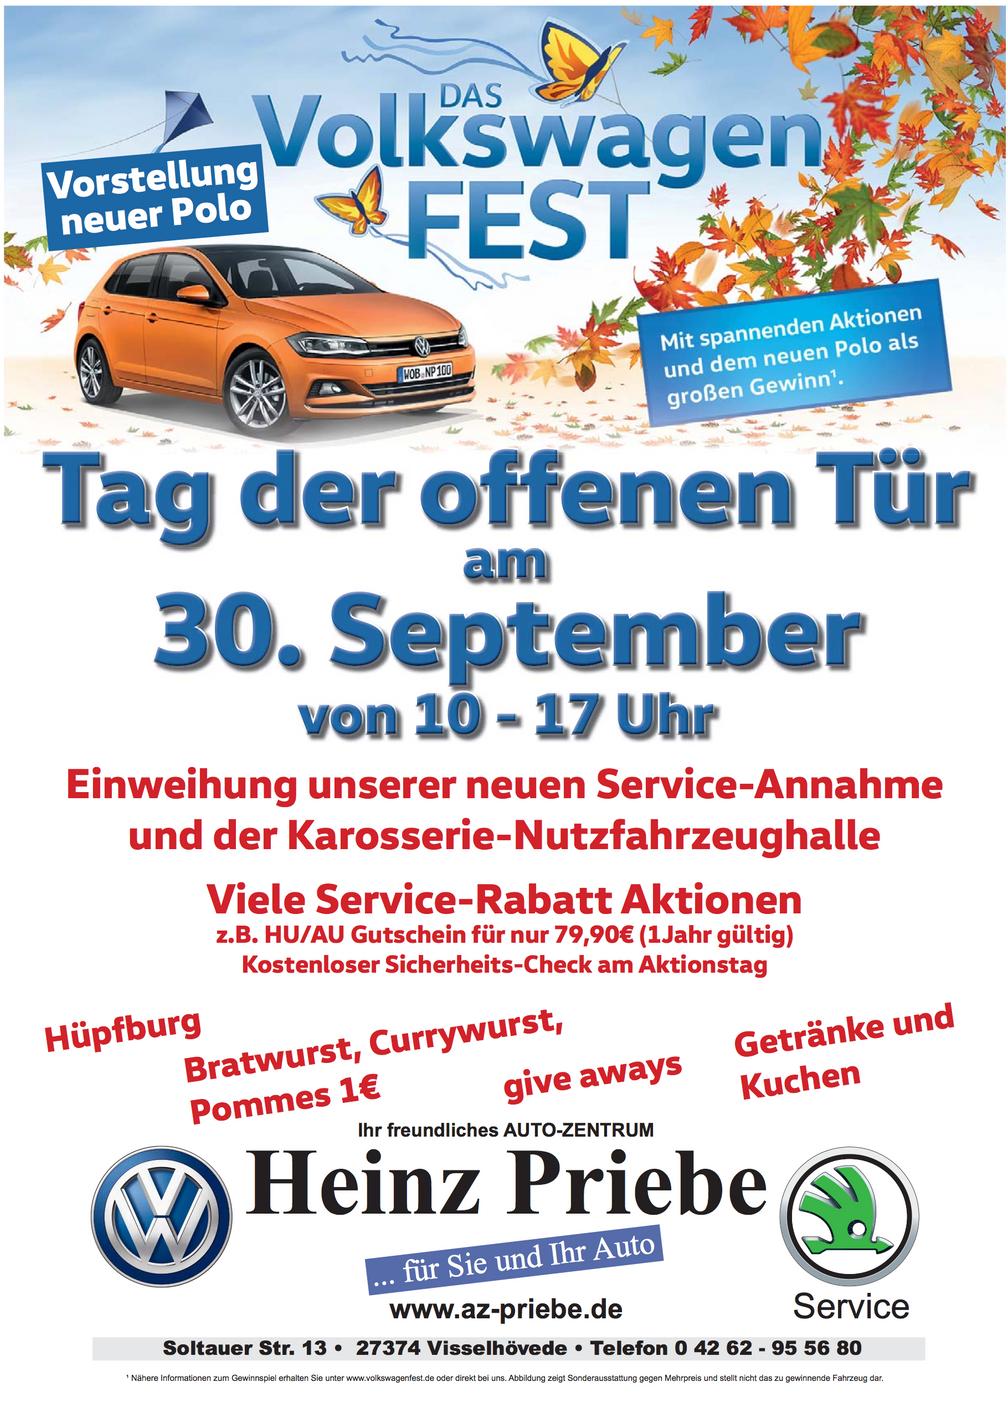 Das Volkswagenfest: Tag der offenen Tür am 30.09.2017